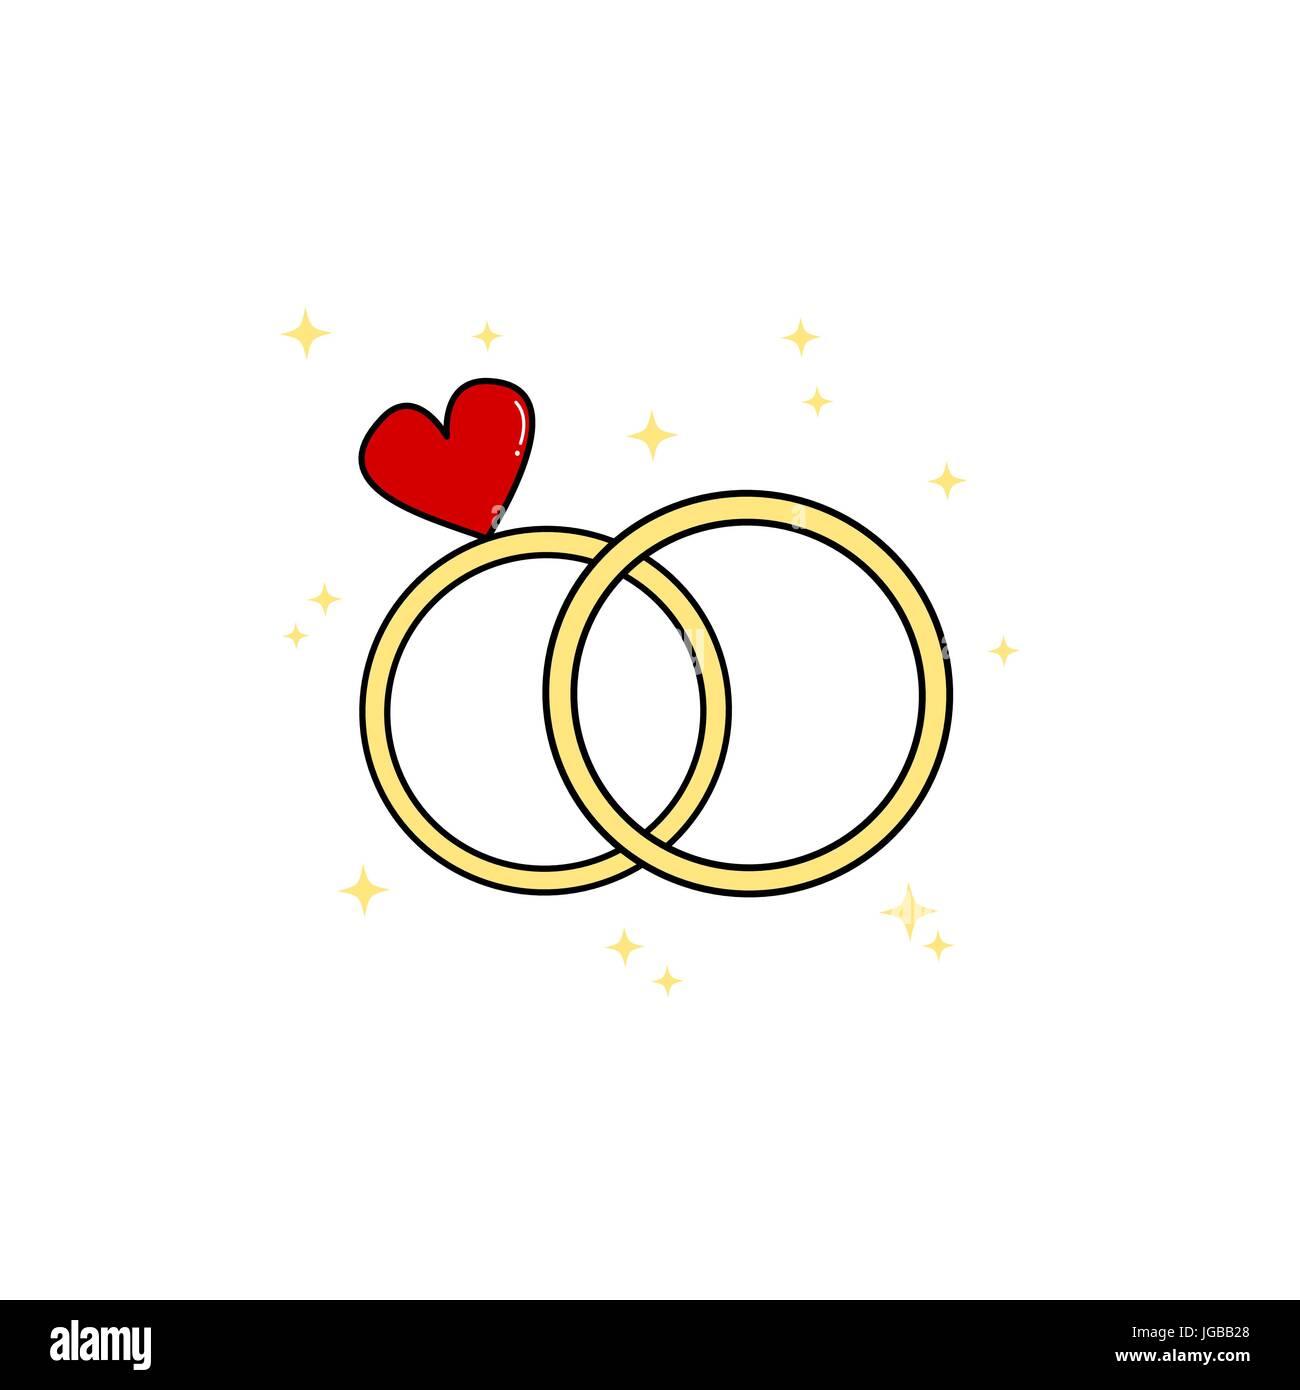 cute cartoon wedding day rings vector illustration stock vector art